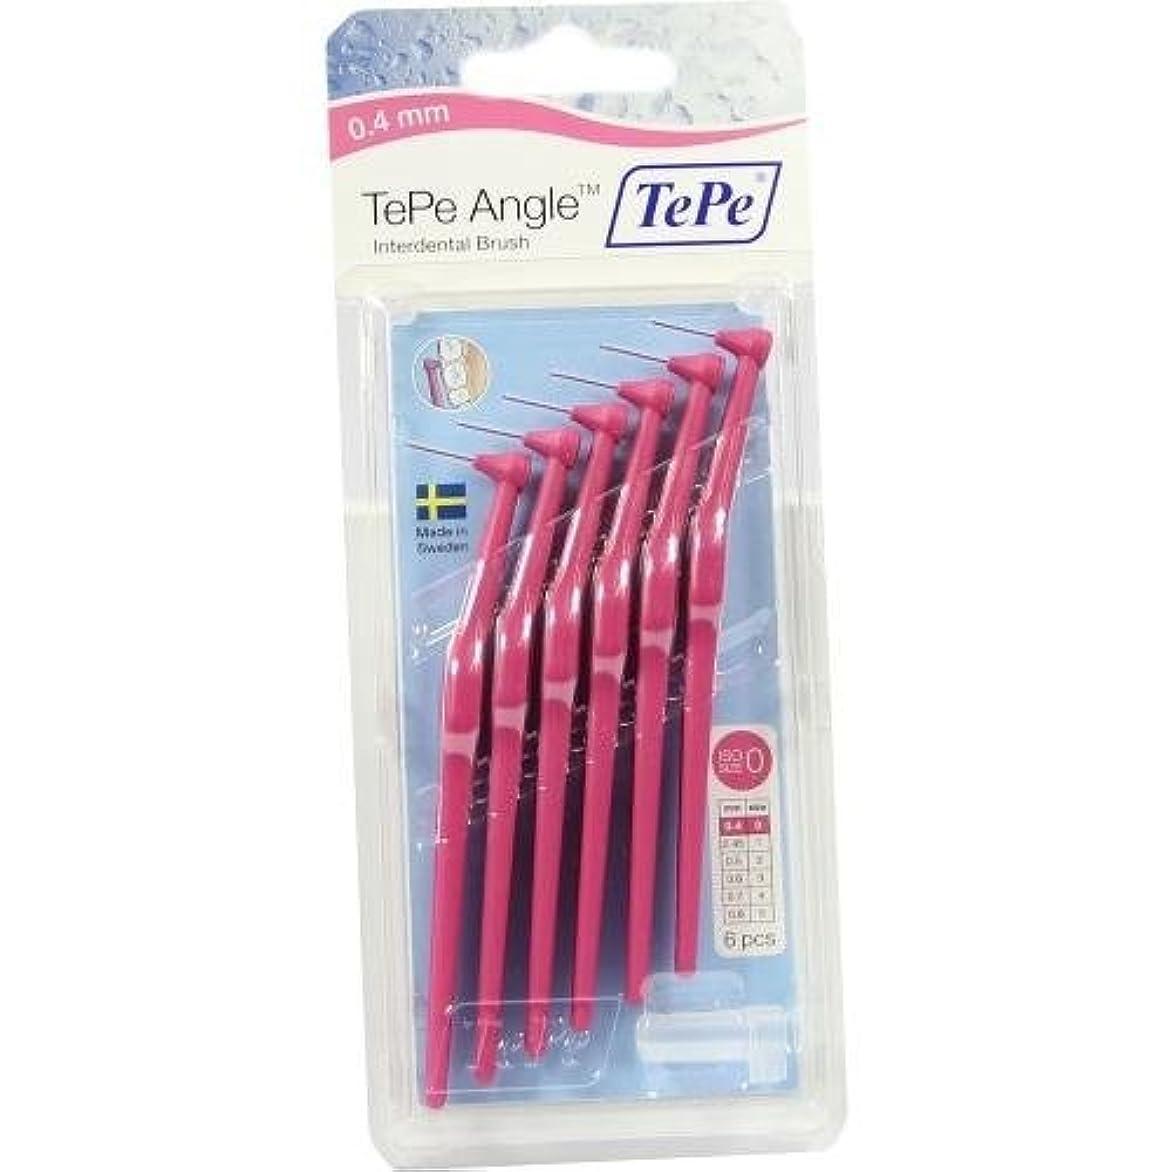 残酷なプロジェクター地下室TePe Angle Interdental Brushes 0.4 mm Pink Pack of 6 by TePe [並行輸入品]